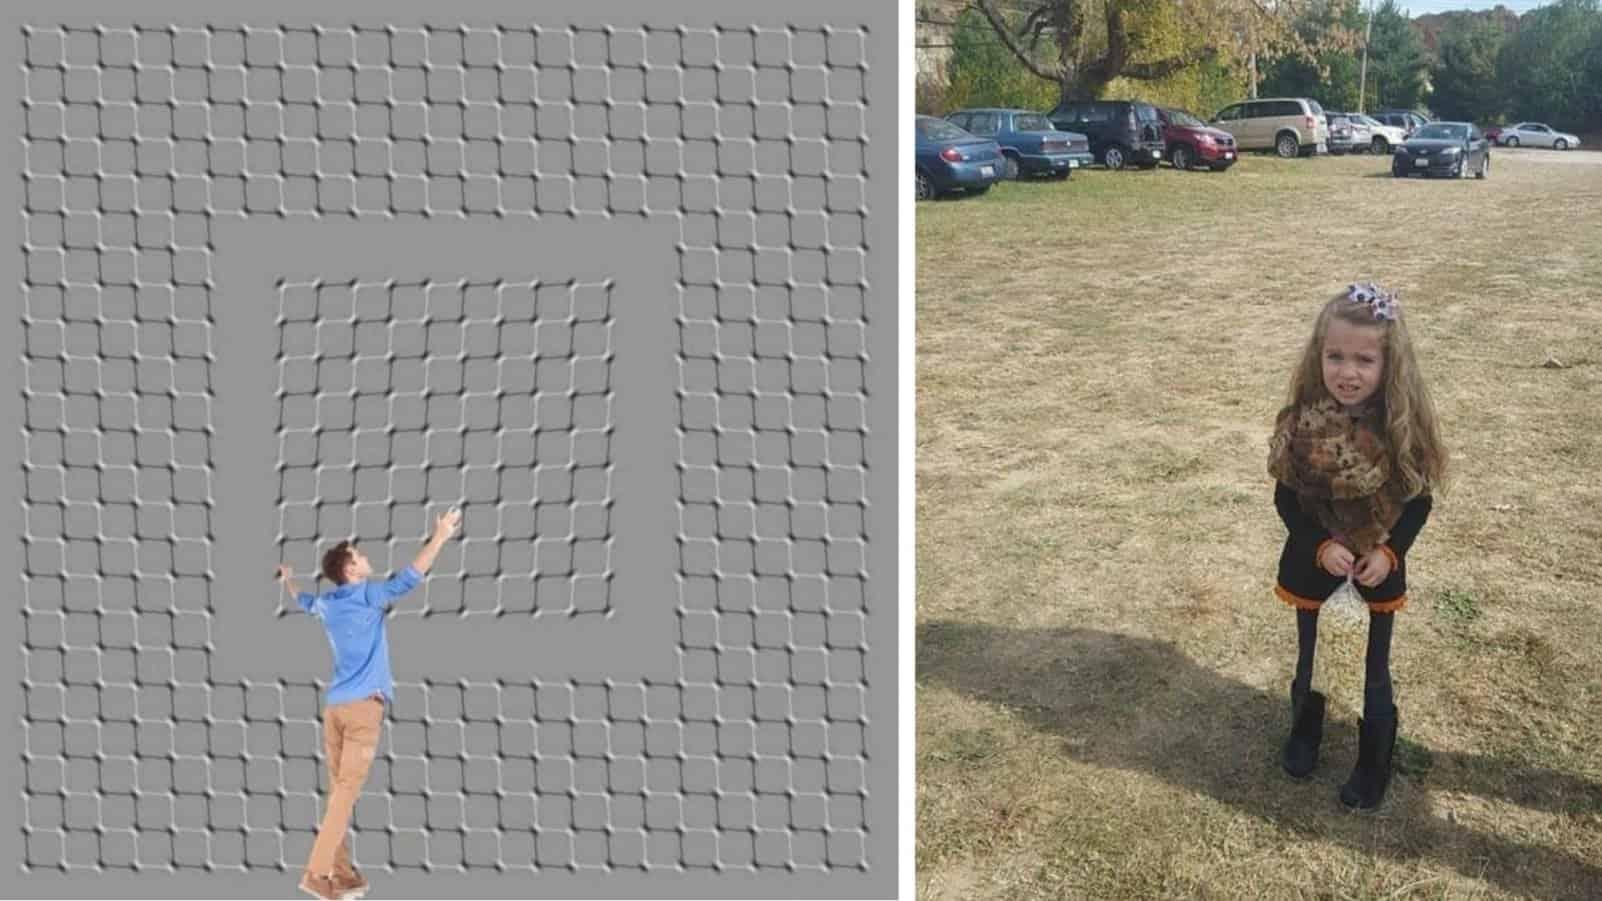 16 по настоящему крутых иллюзий, которые удивят вас своей неожиданностью